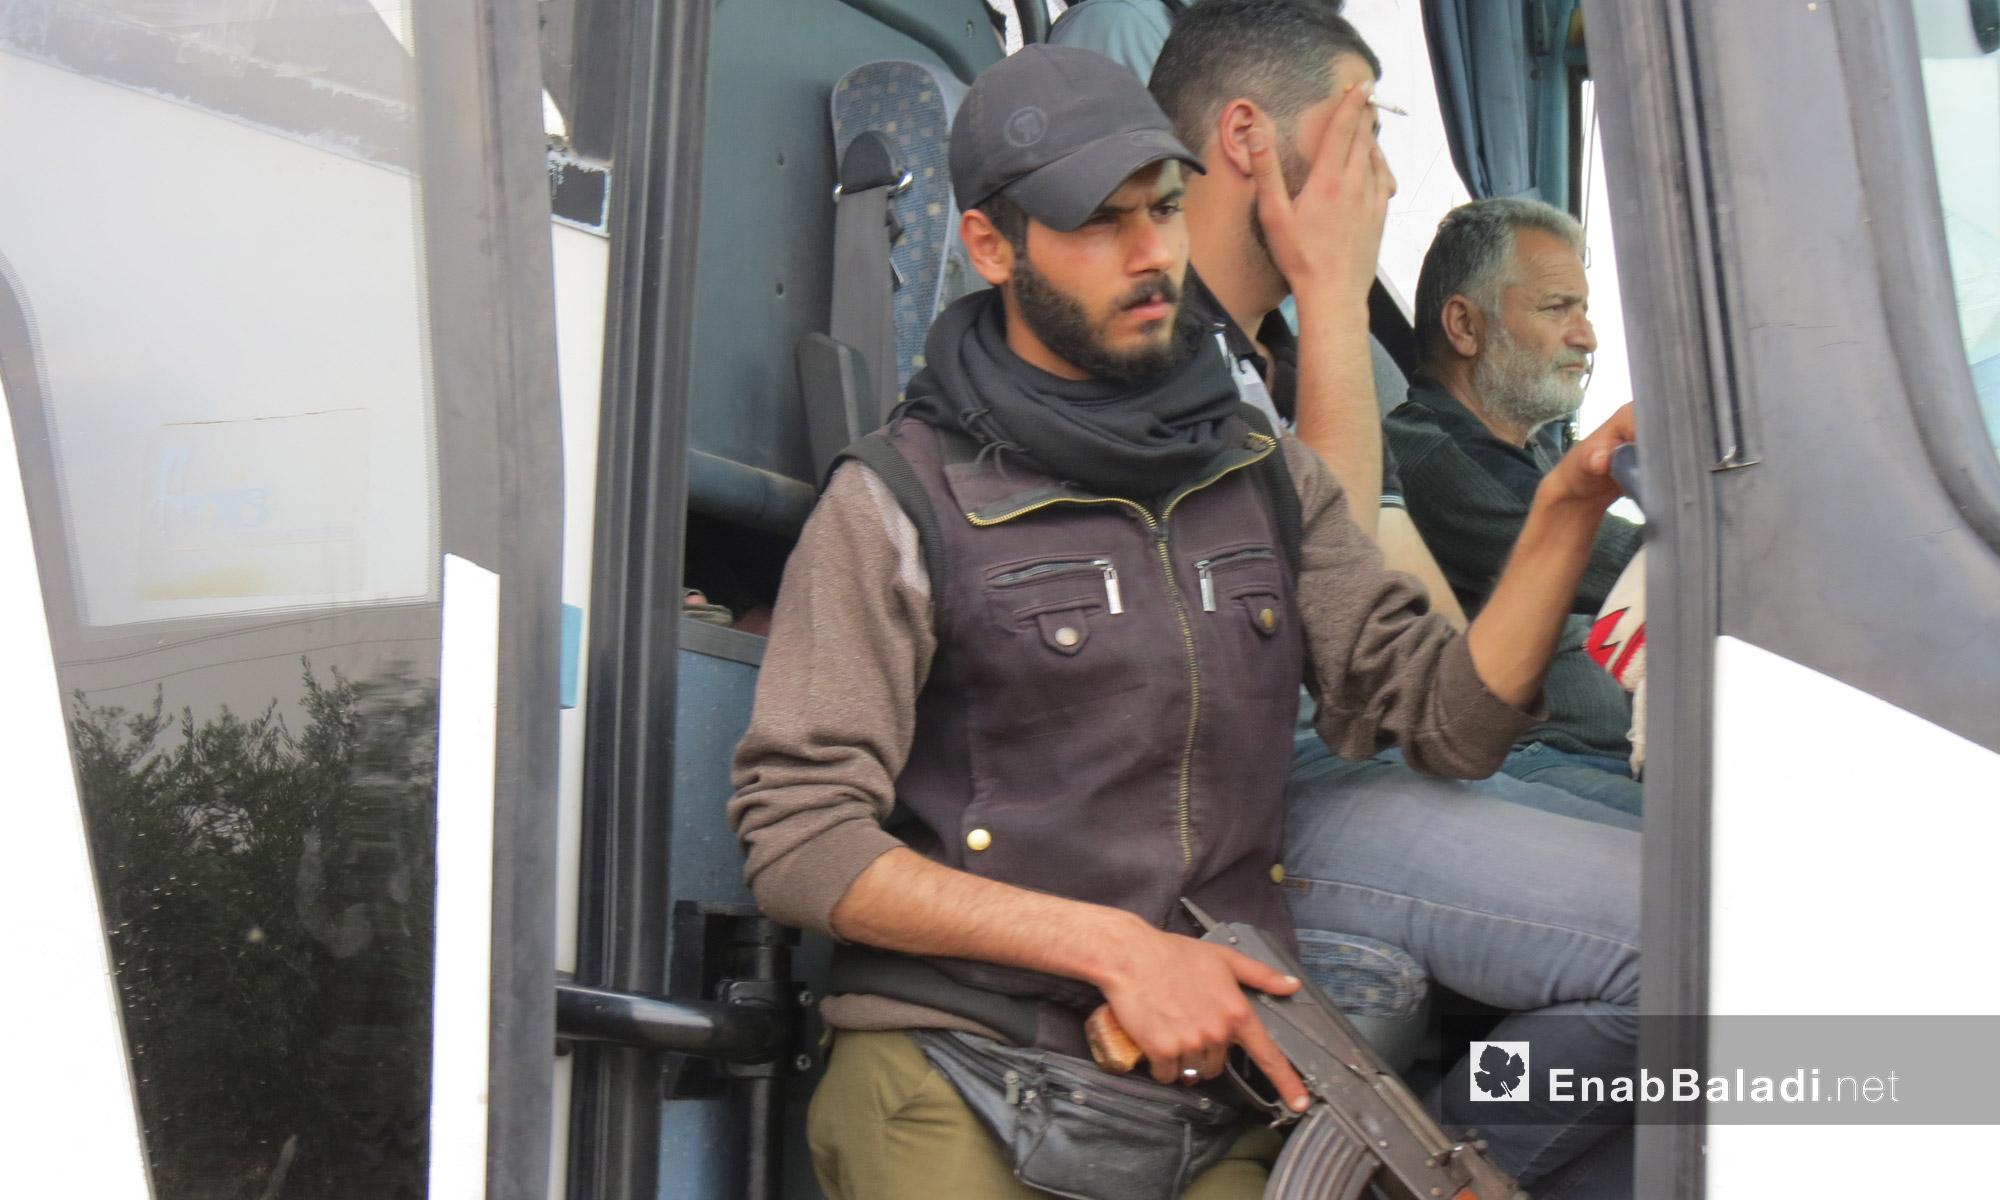 مقاتل من المعارضة داخل حافلة تقل مهجري الوعر إلى جرابلس شمال حلب  - 5 أيار 2017 (عنب بلدي)